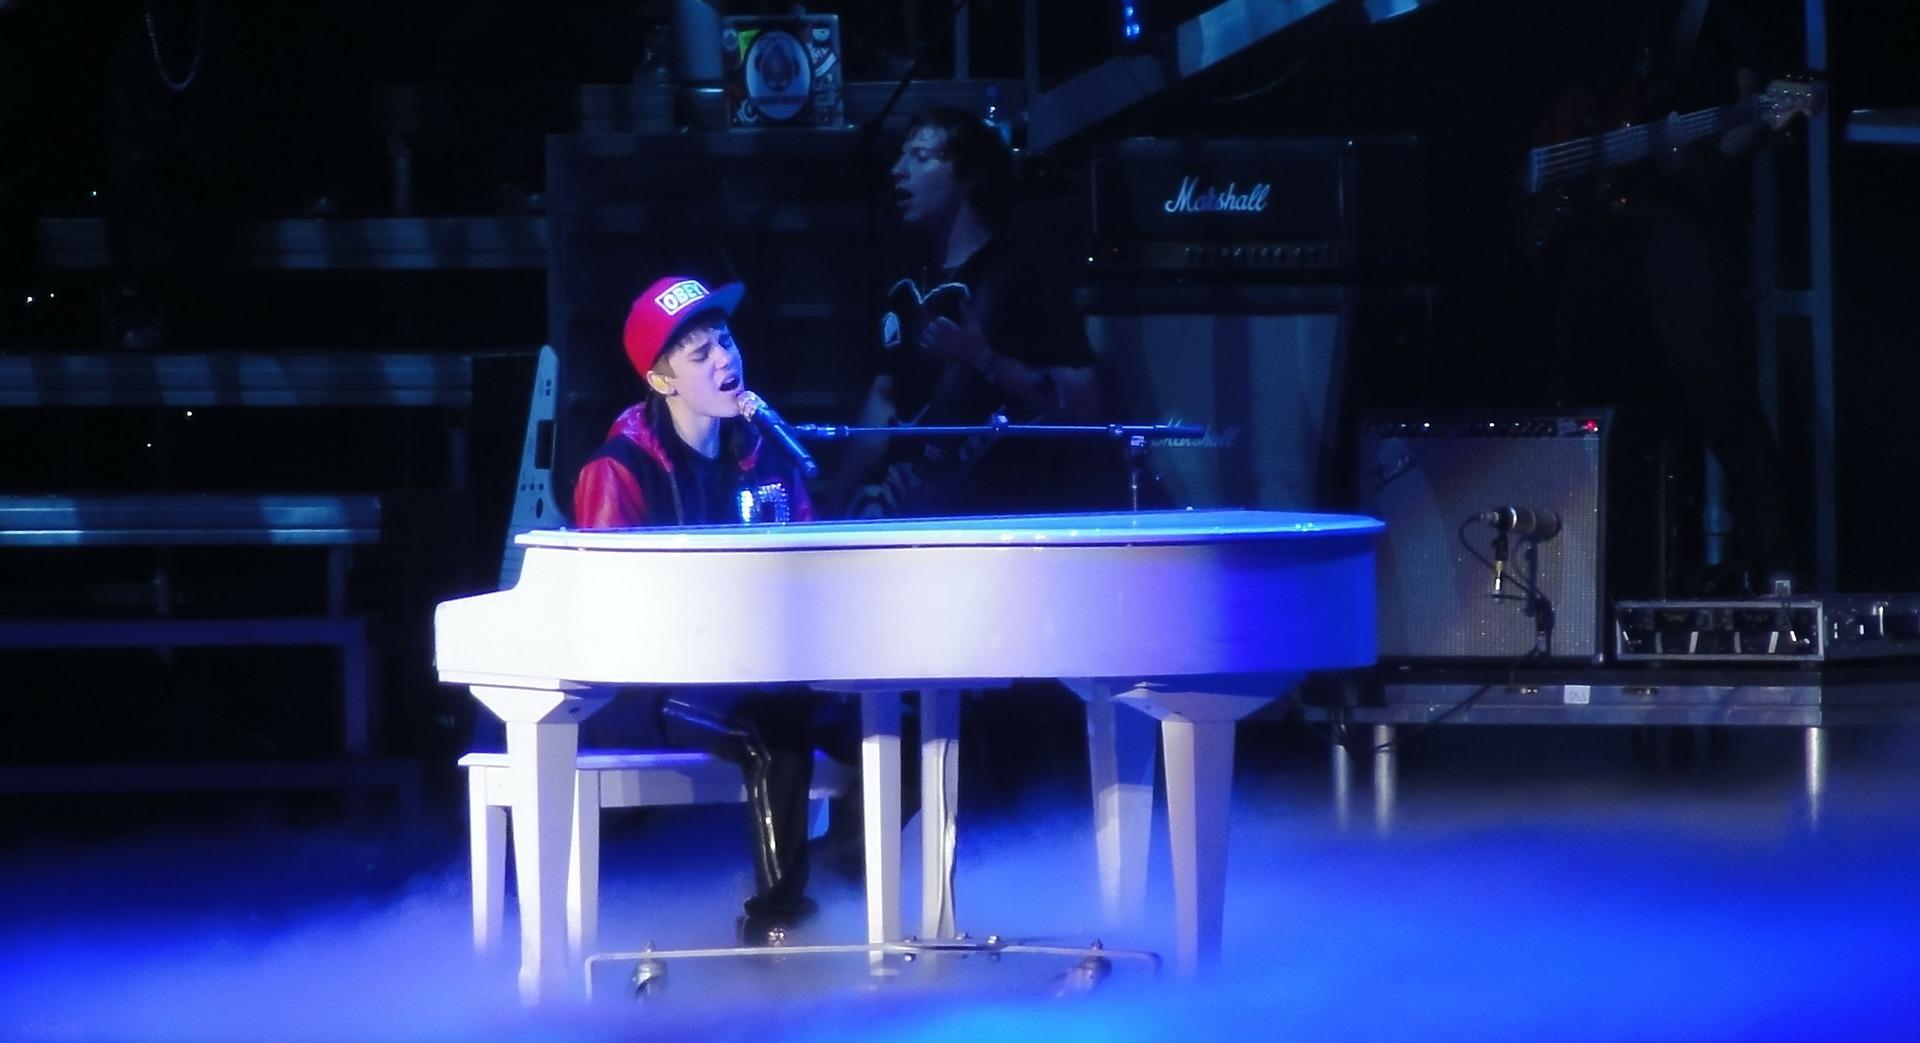 Justin Bieber, chanteur et icone de la jeune génération